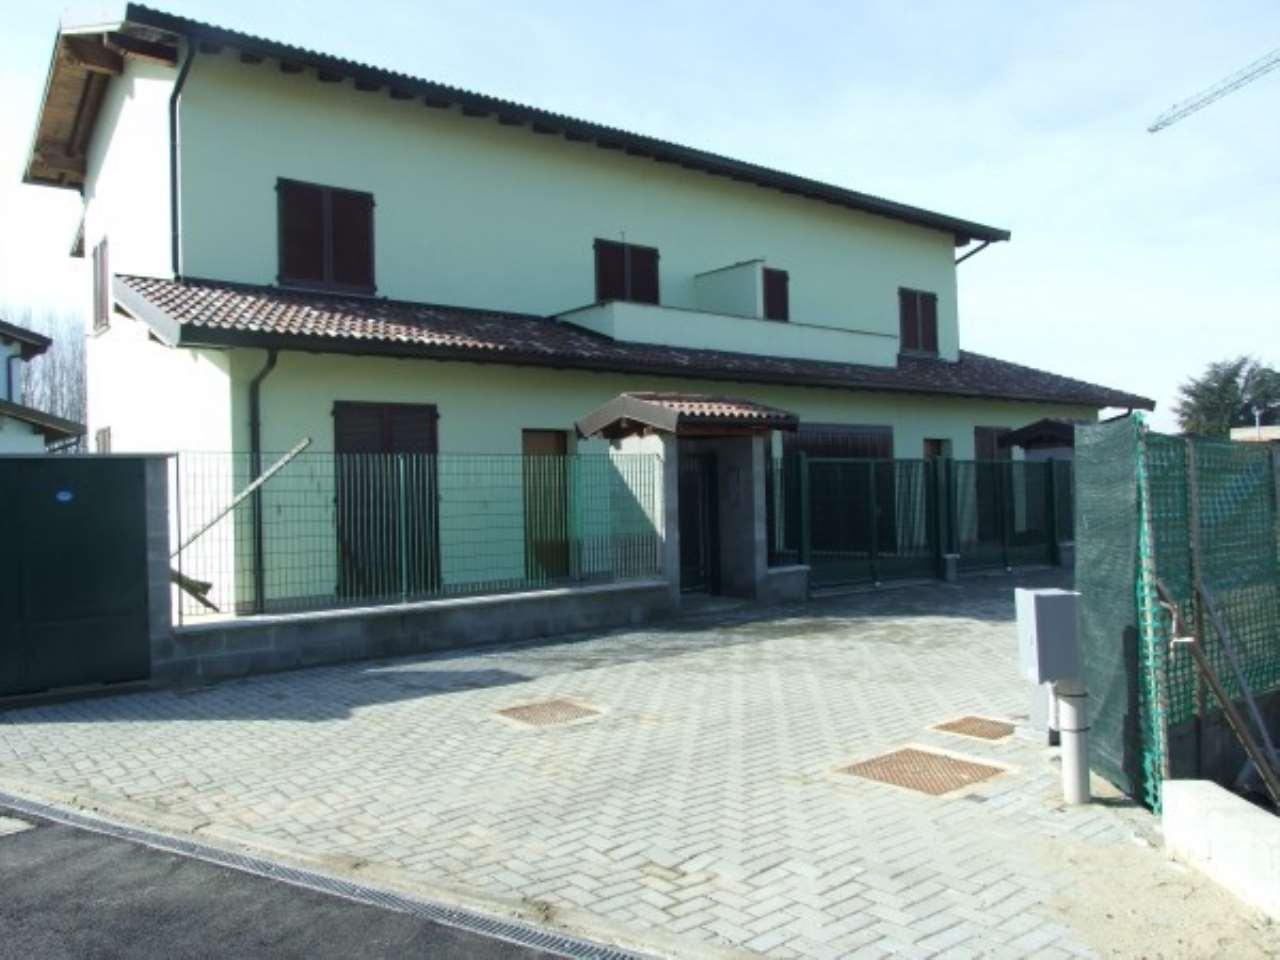 Villa in vendita a Robbio, 5 locali, prezzo € 162.000 | Cambio Casa.it